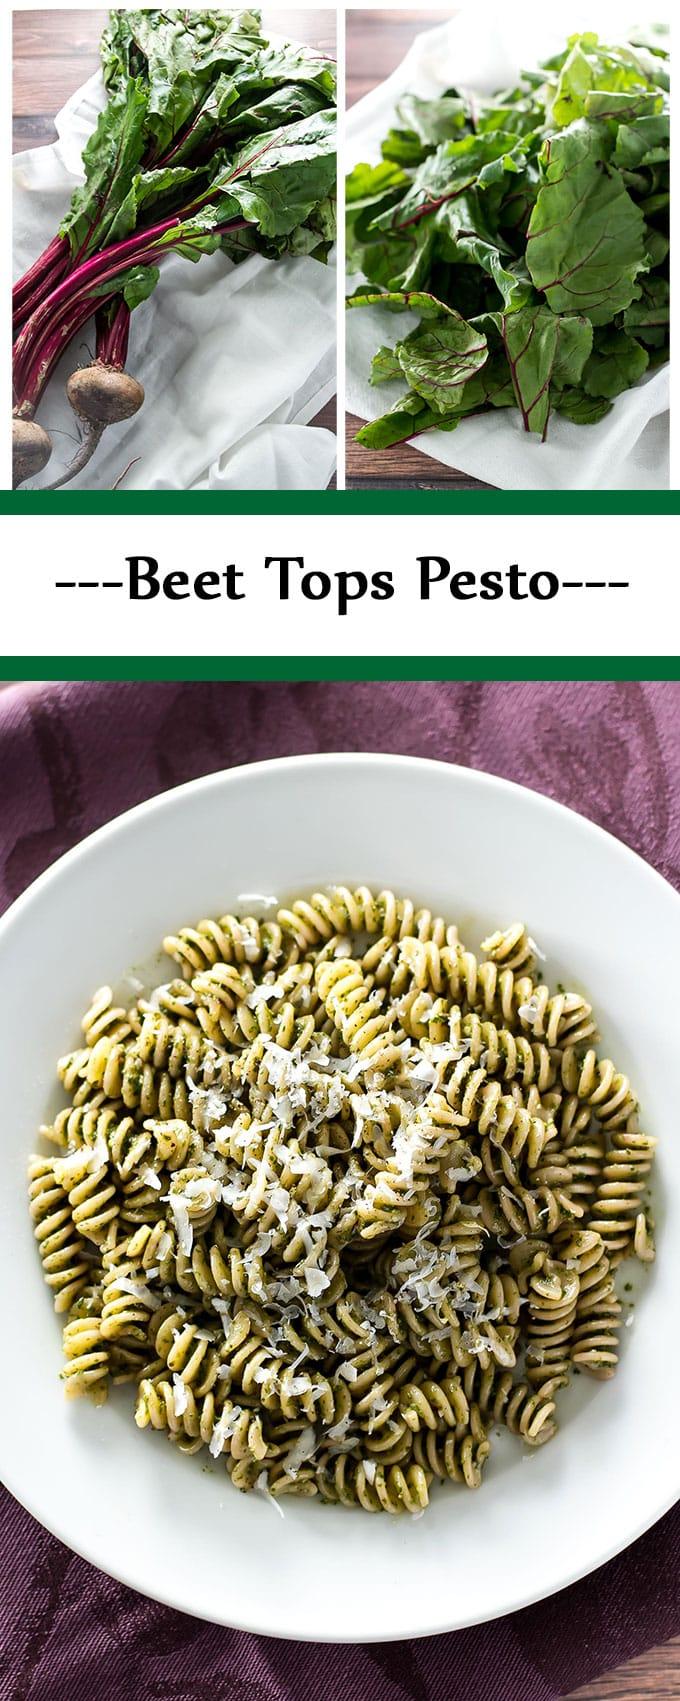 Got beets? Save those greens and make pesto! | girlgonegourmet.com